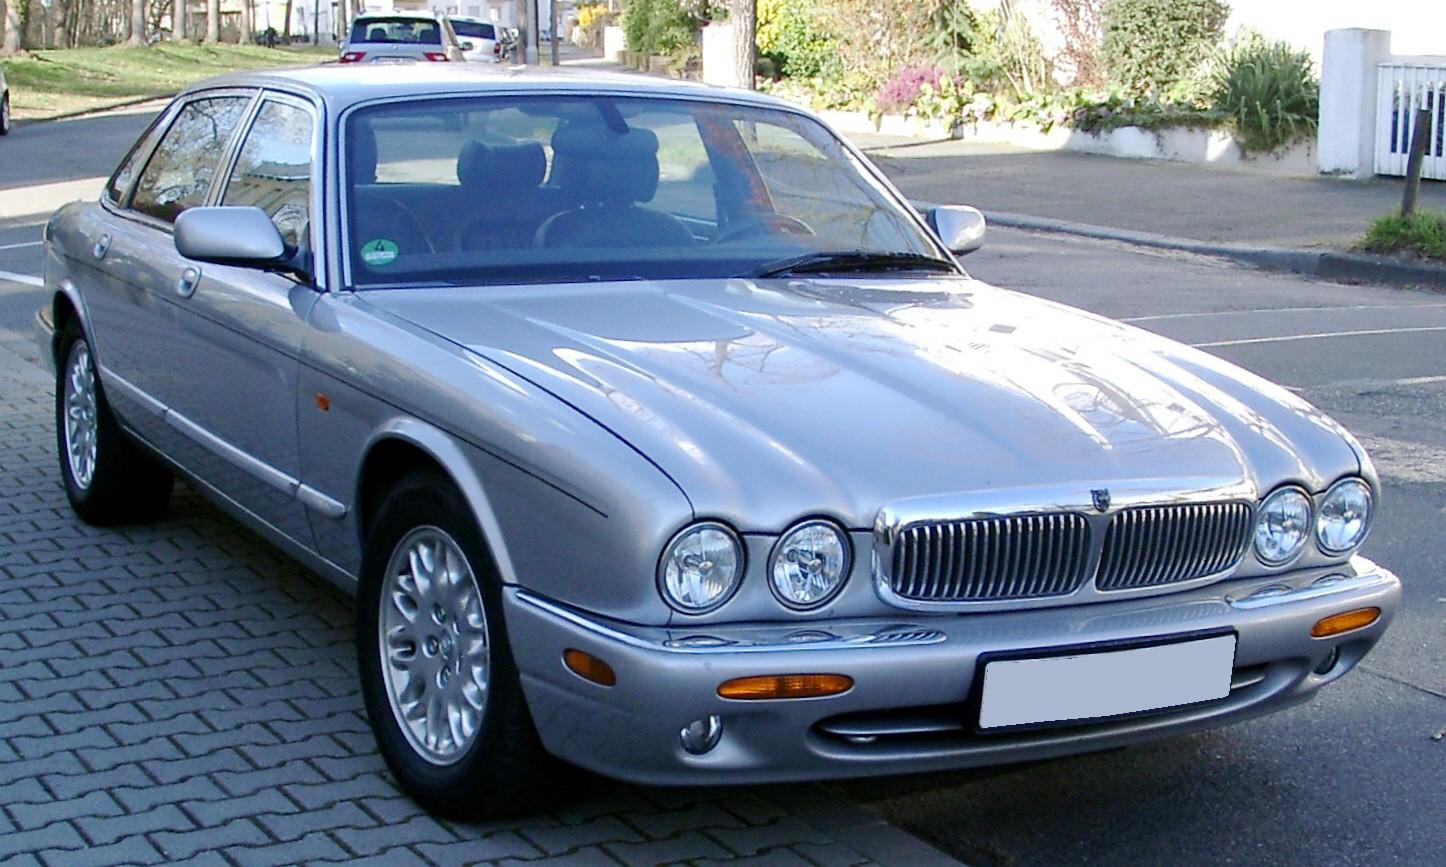 Jaguar X308 front images